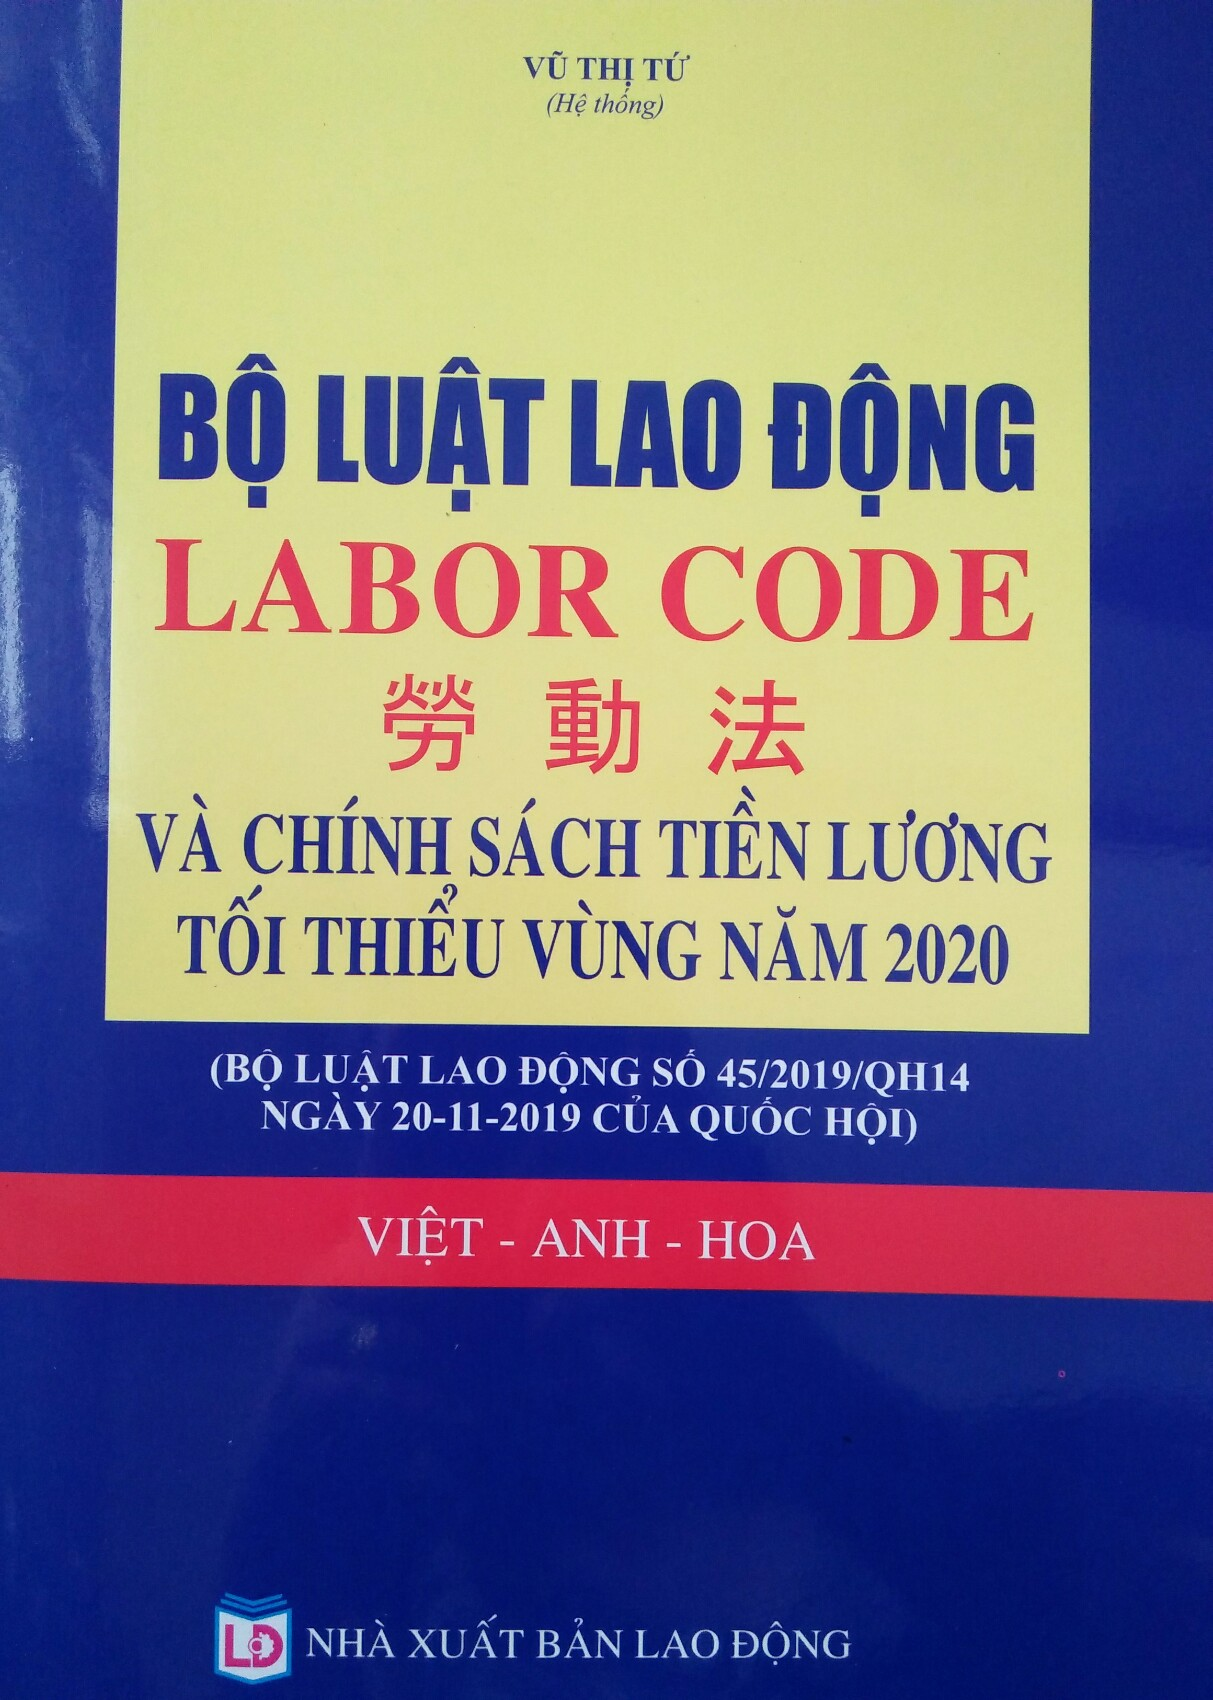 Luật lao động Việt Anh Hoa 2020